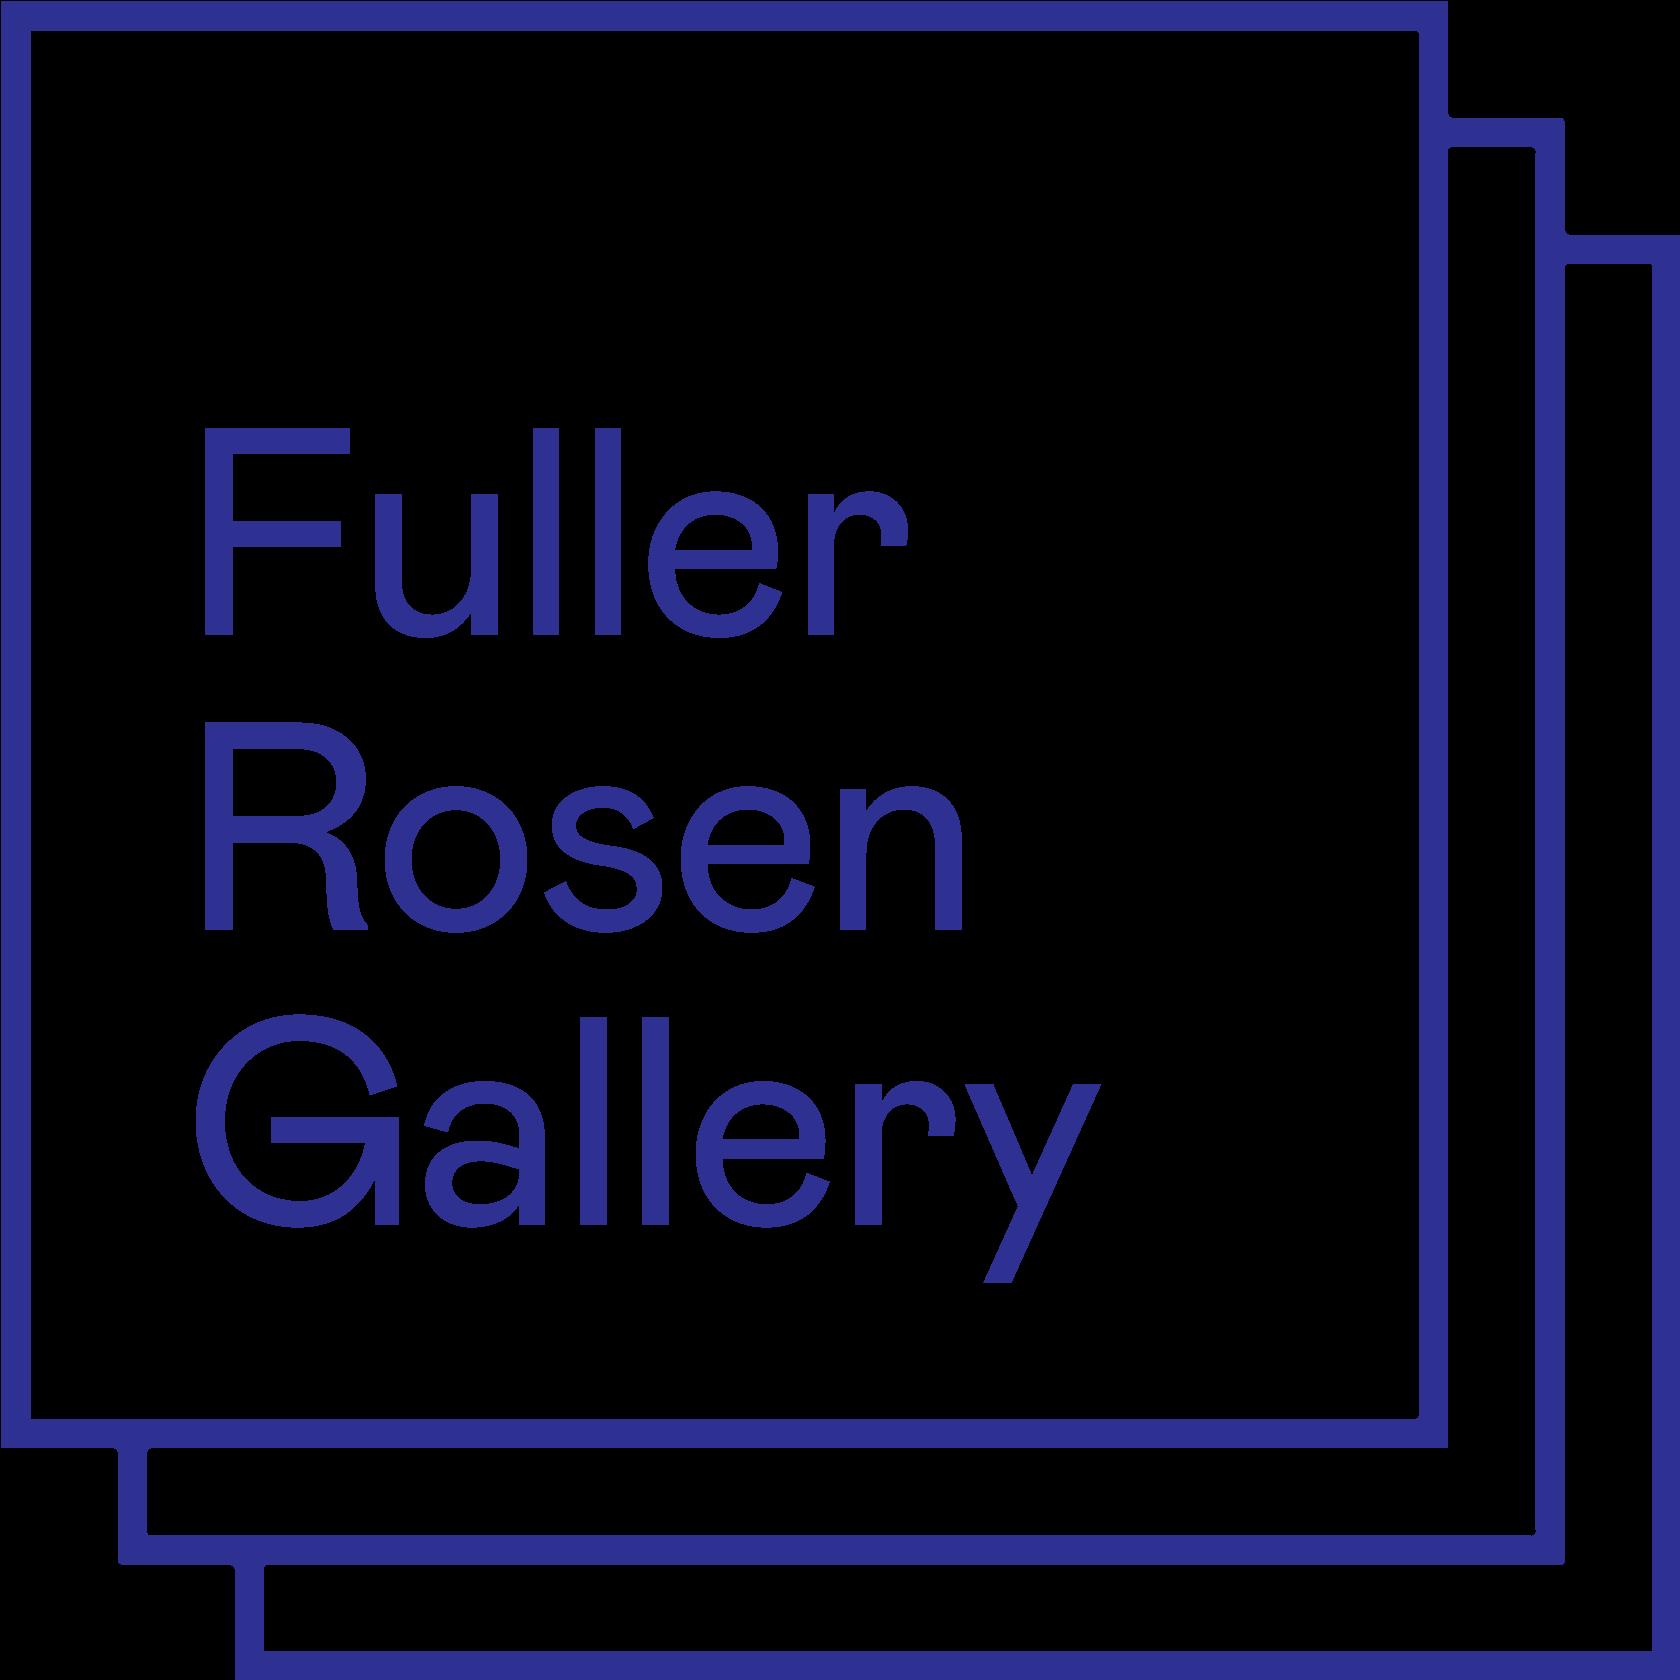 fuller rosen gallery